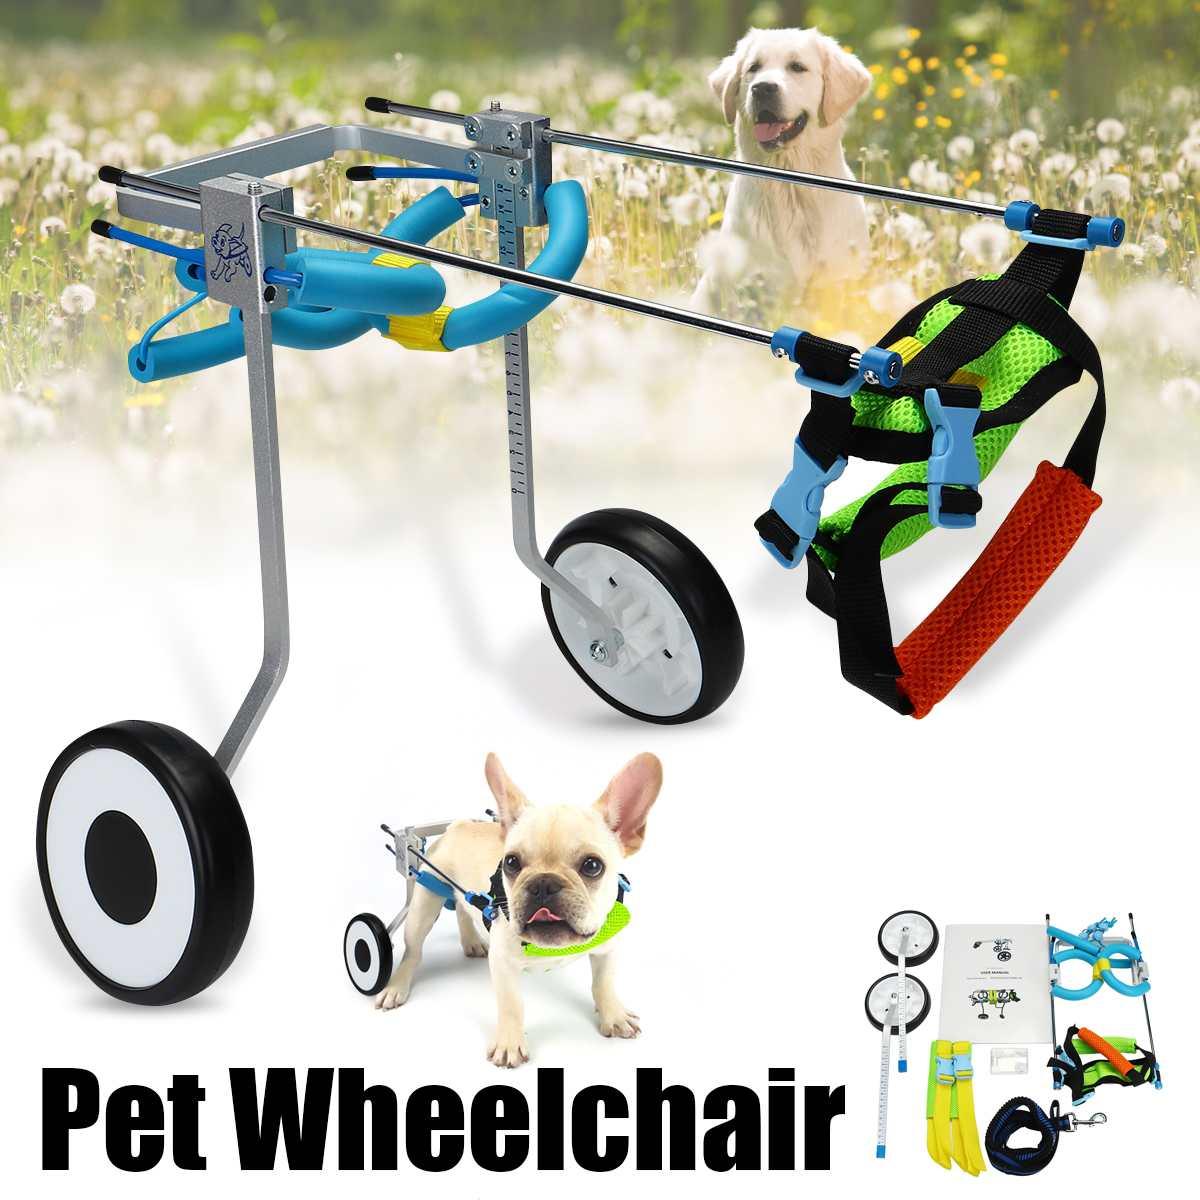 2 колеса 5 Pet Dog Cat инвалидная коляска алюминий XS модель прогулочная тележка скутер для инвалидов задняя нога можно регулировать Pet вес 3-15 кг